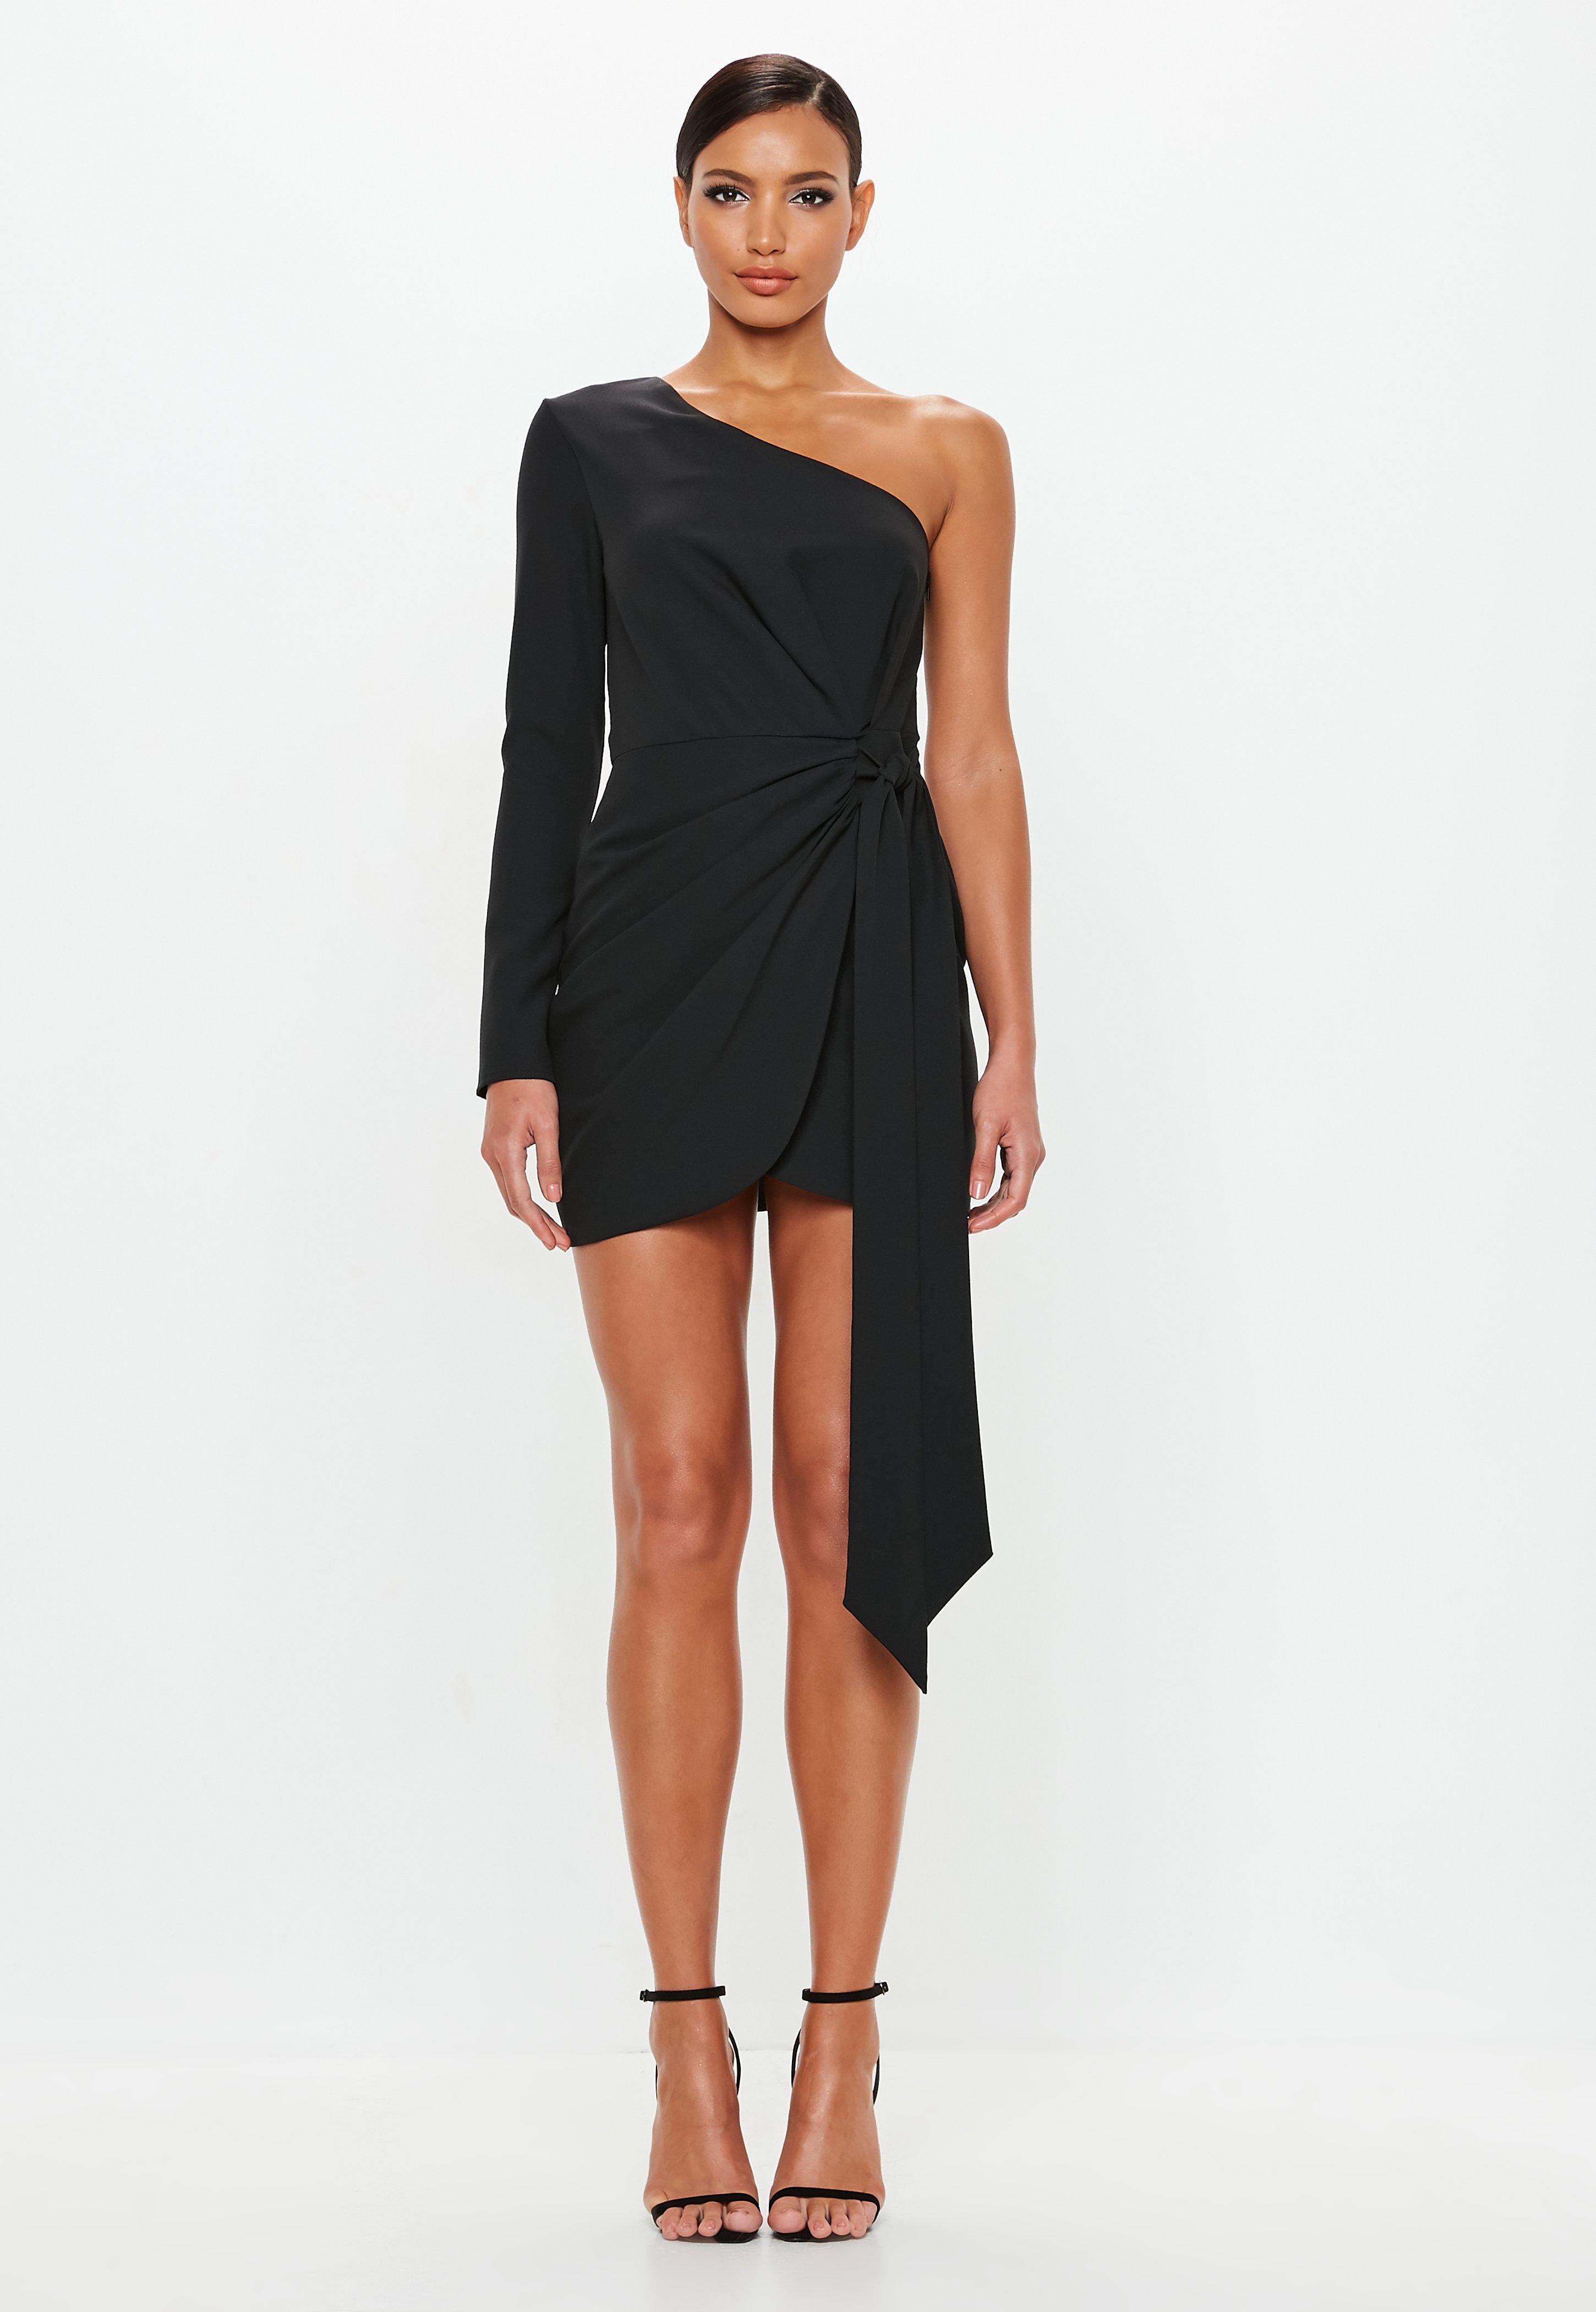 52d2d524a883 Peace + Love Black Wrap One Shoulder Mini Dress